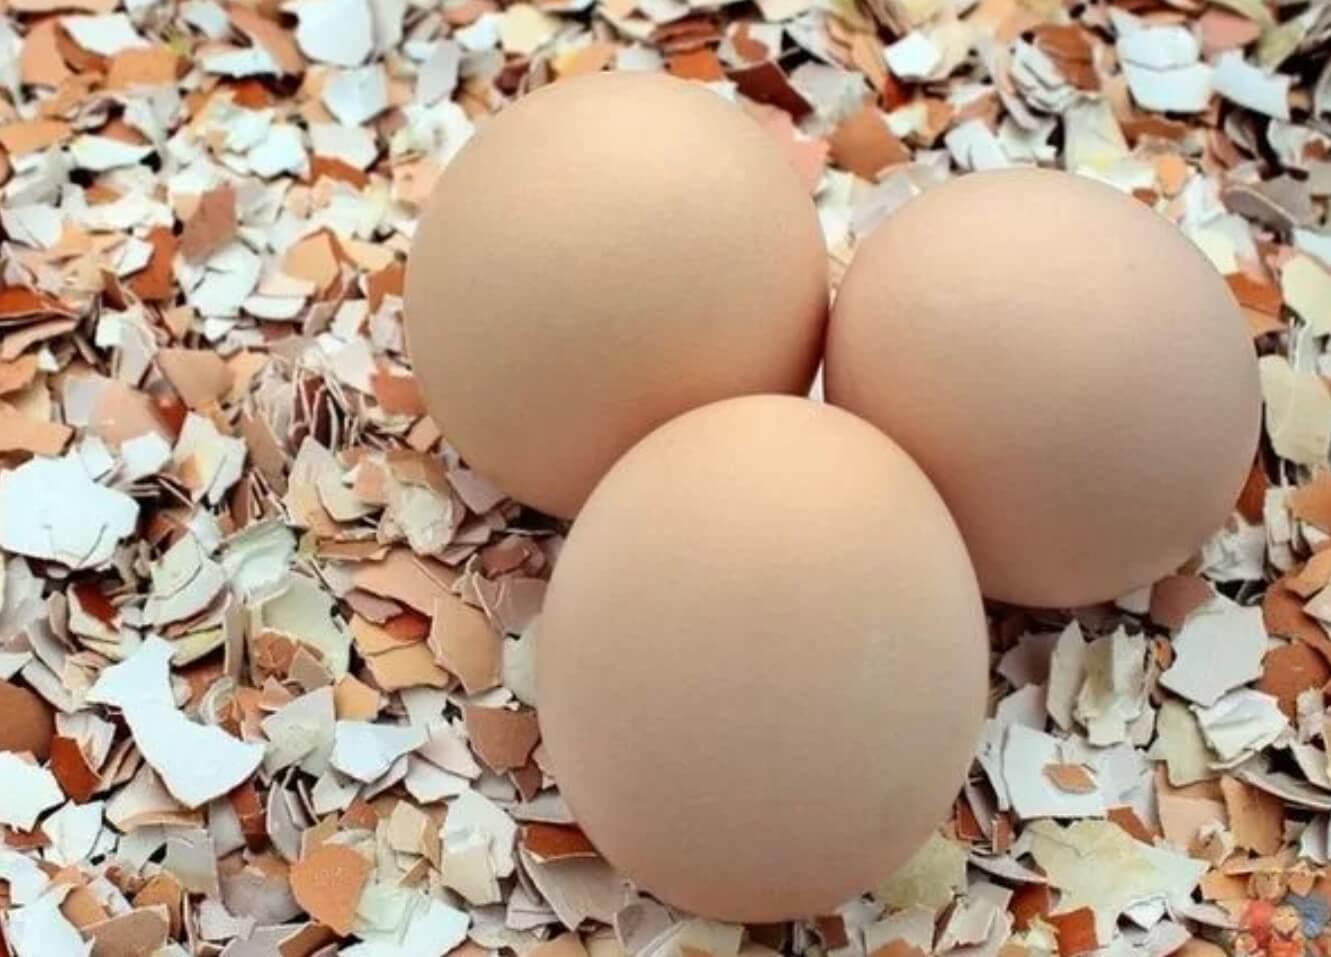 Выкидывать яичную скорлупу нельзя: это чудо-средство для сада и огорода. ТОП-5 способов.